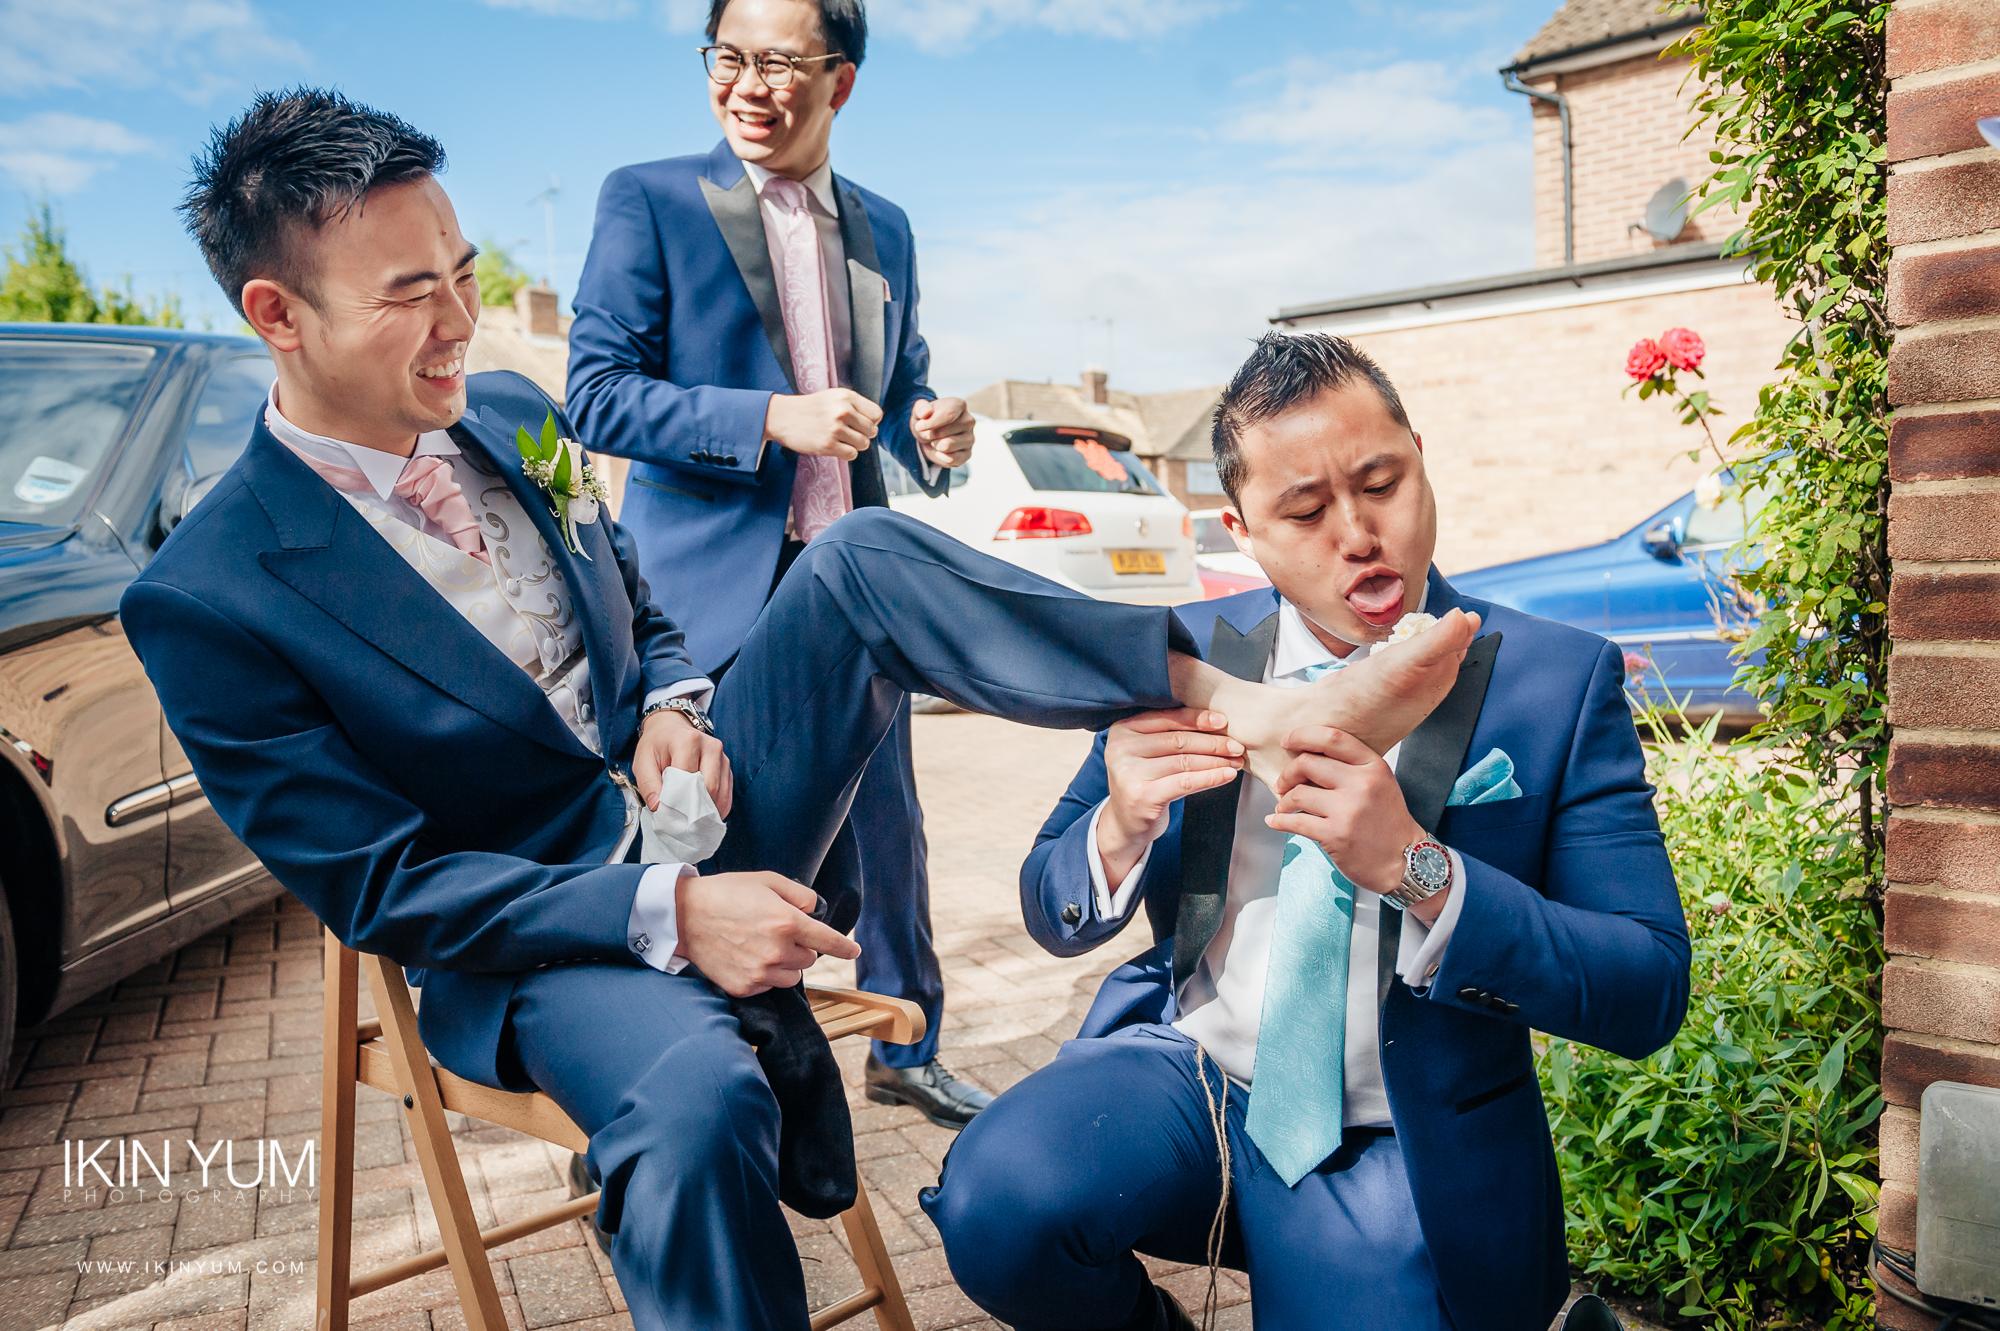 Sylvianne & Chun Wedding Day - Ikin Yum Photography-022.jpg